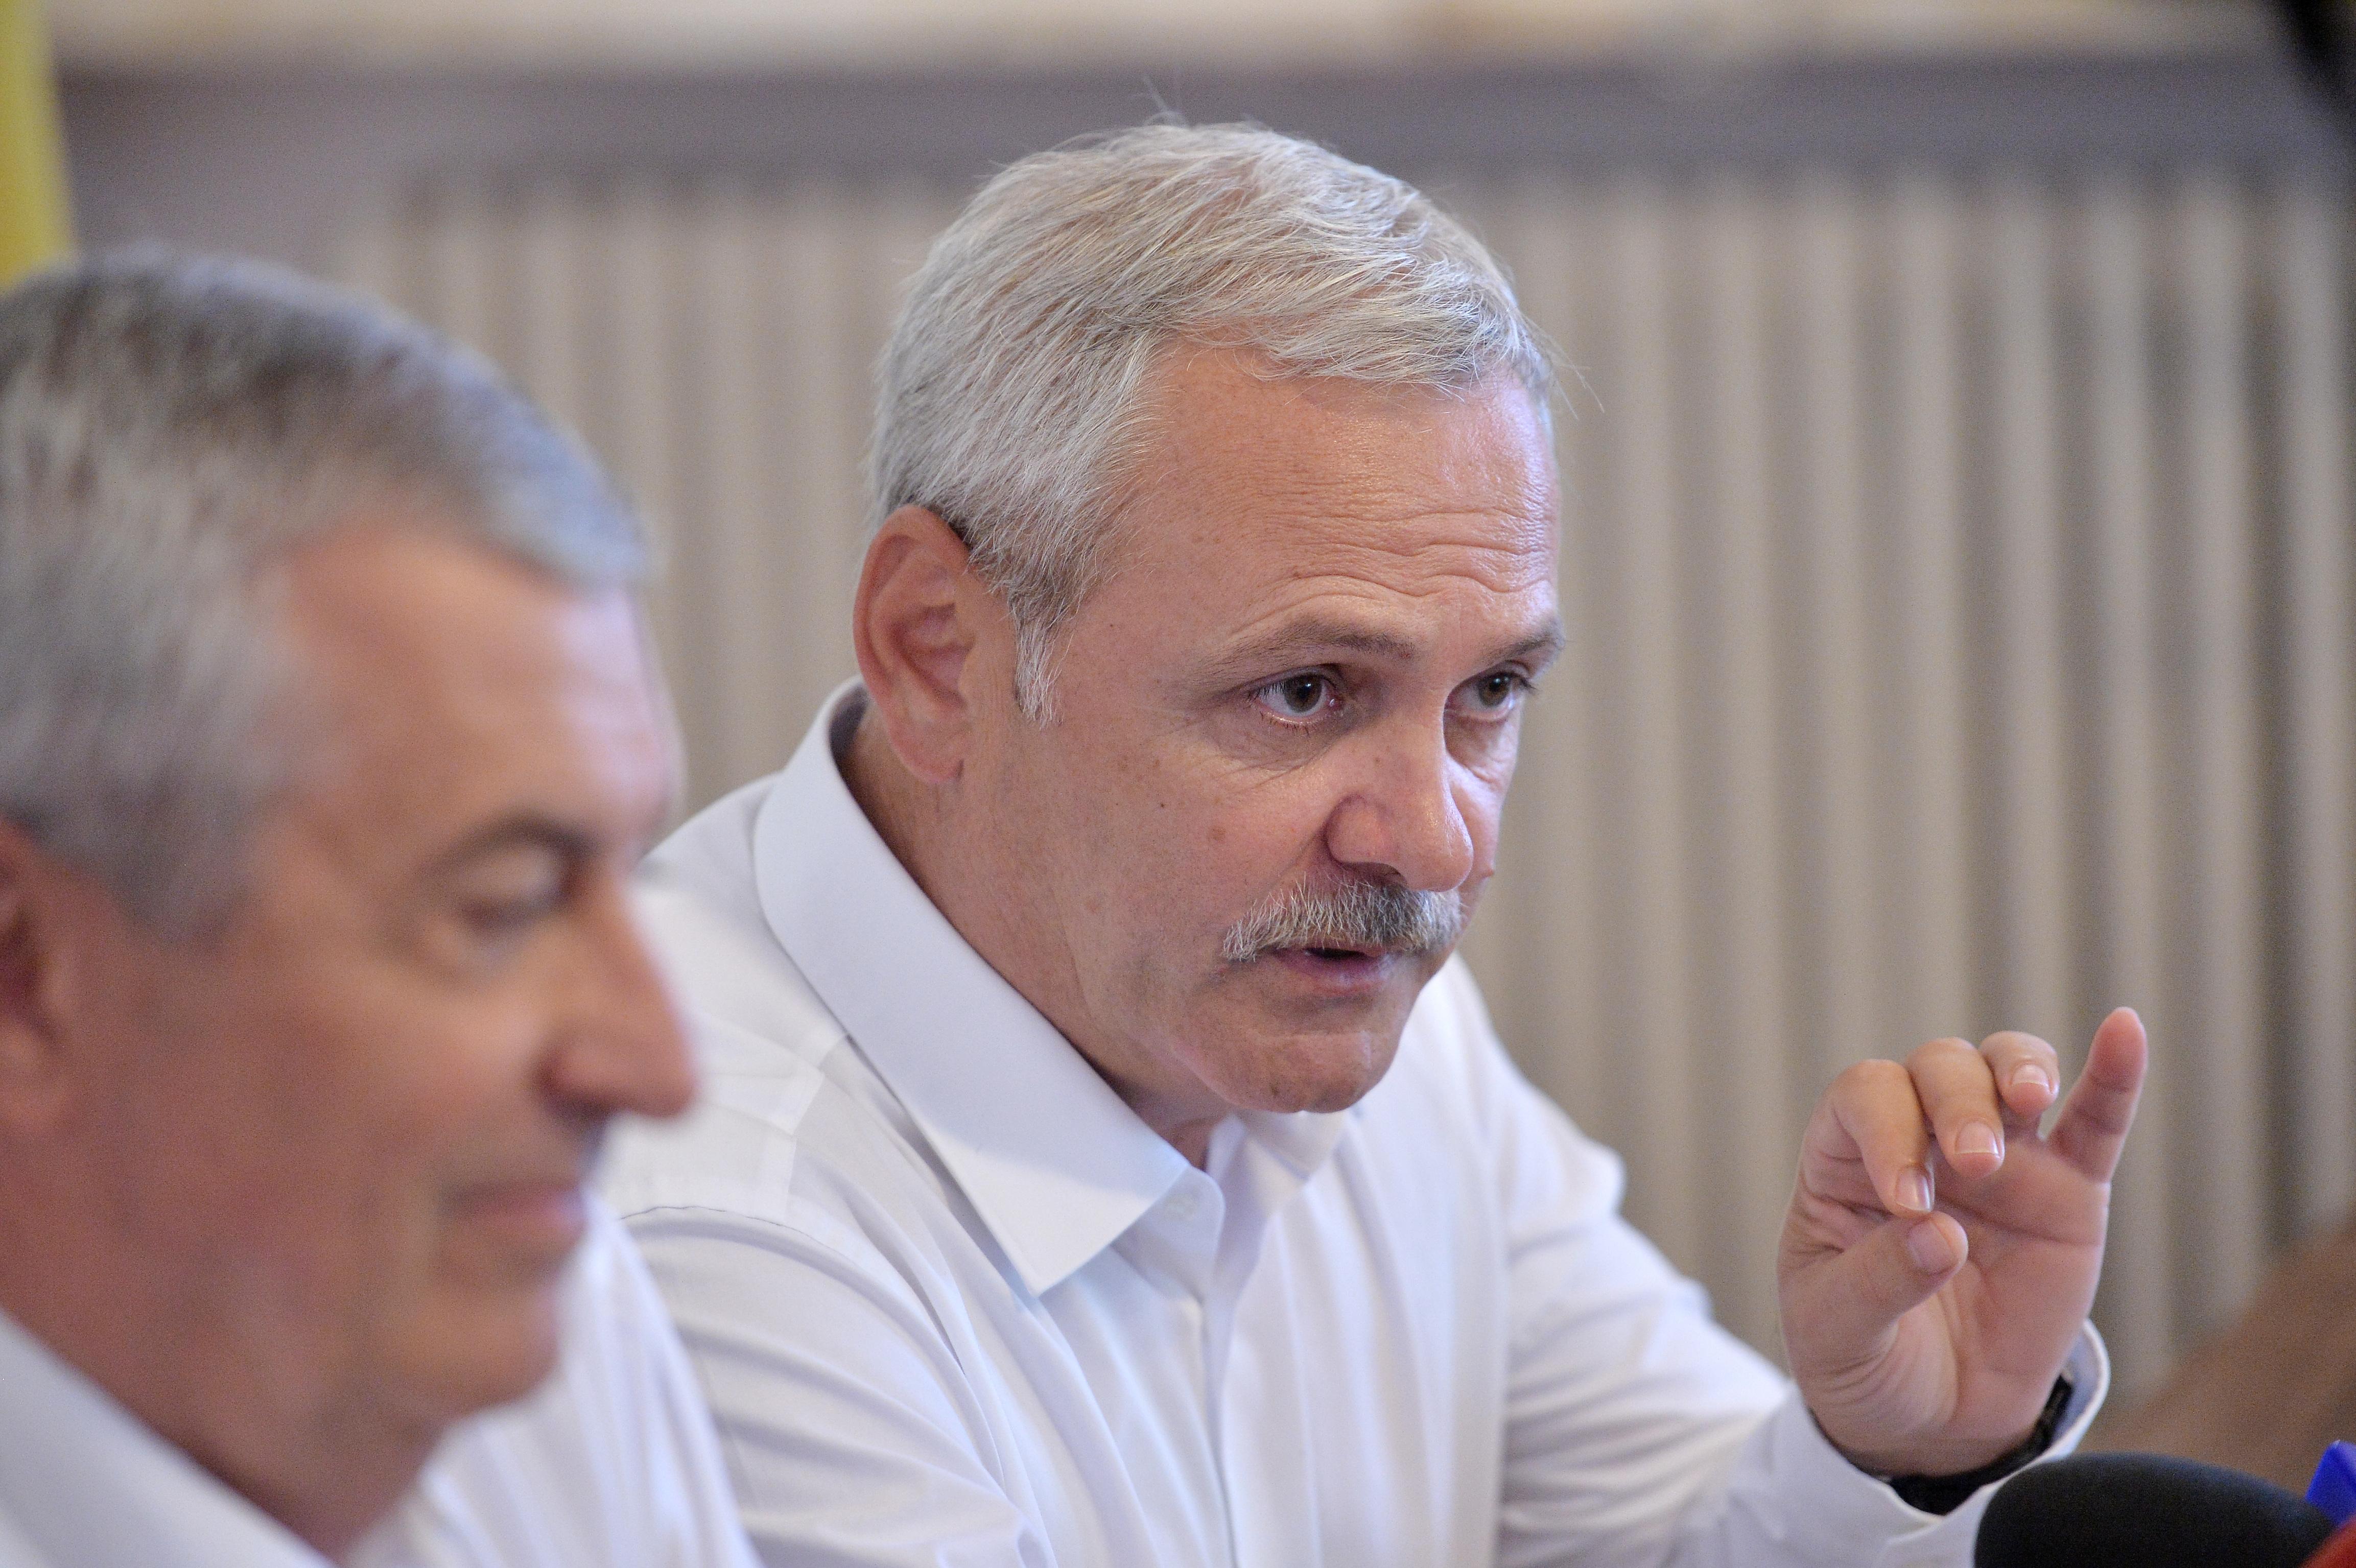 Răspuns oficial al preşedinţilor celor două camere ale Parlamentului: Parlamentul României a luat act cu neplăcută surprindere de comunicatul Dep. de Stat al SUA/ Deciziile se desfăşoară în numele suveranităţii, fără presiune